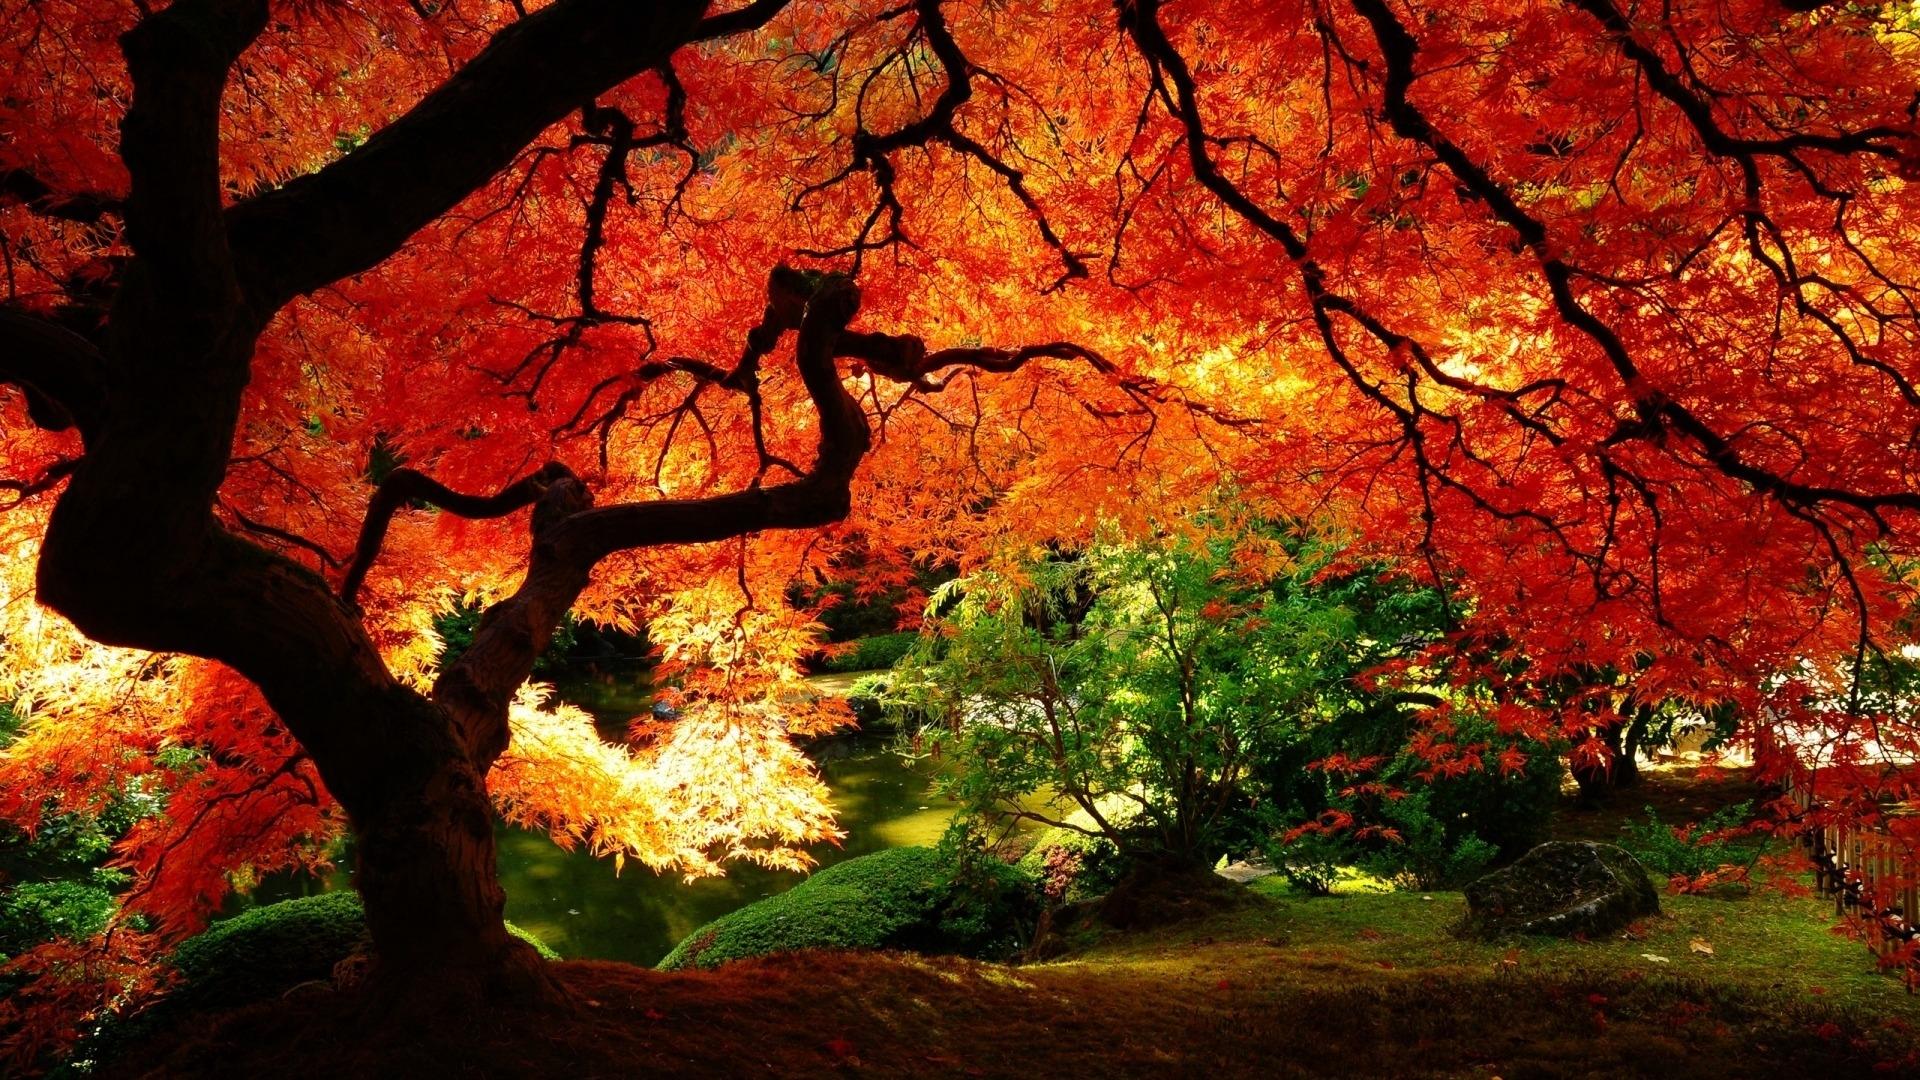 desktop wallpaper fall colors   wwwwallpapers in hdcom 1920x1080